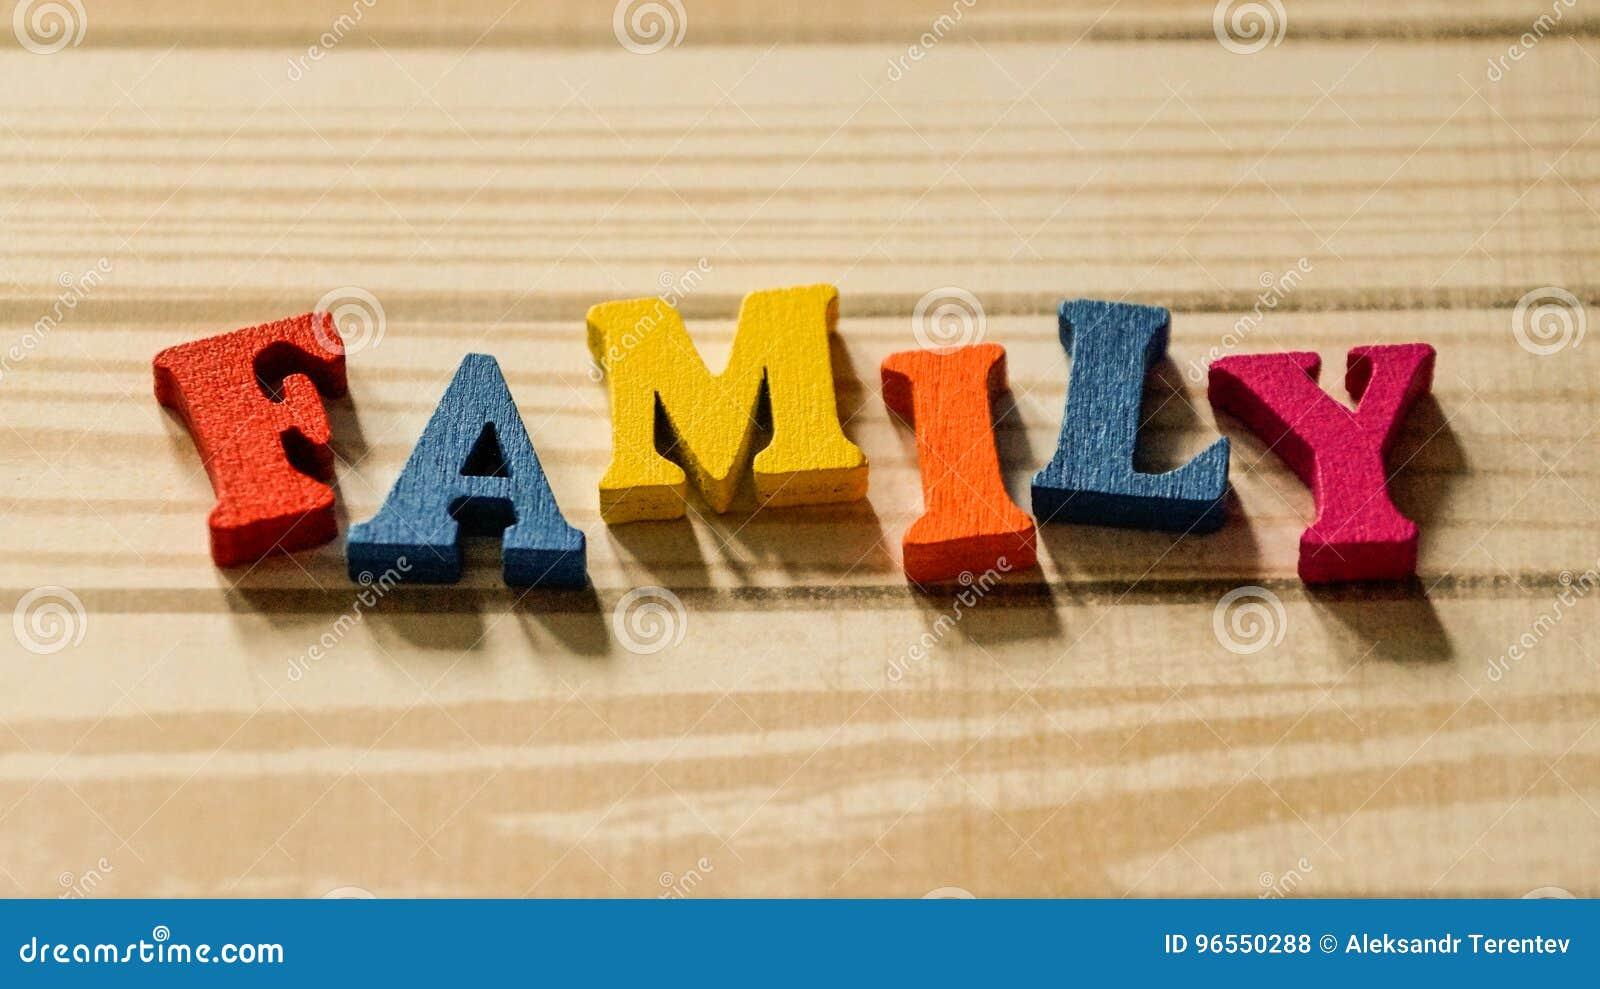 Lettere Di Legno Colorate : La famiglia di parole dalle lettere di legno colorate sulla tavola